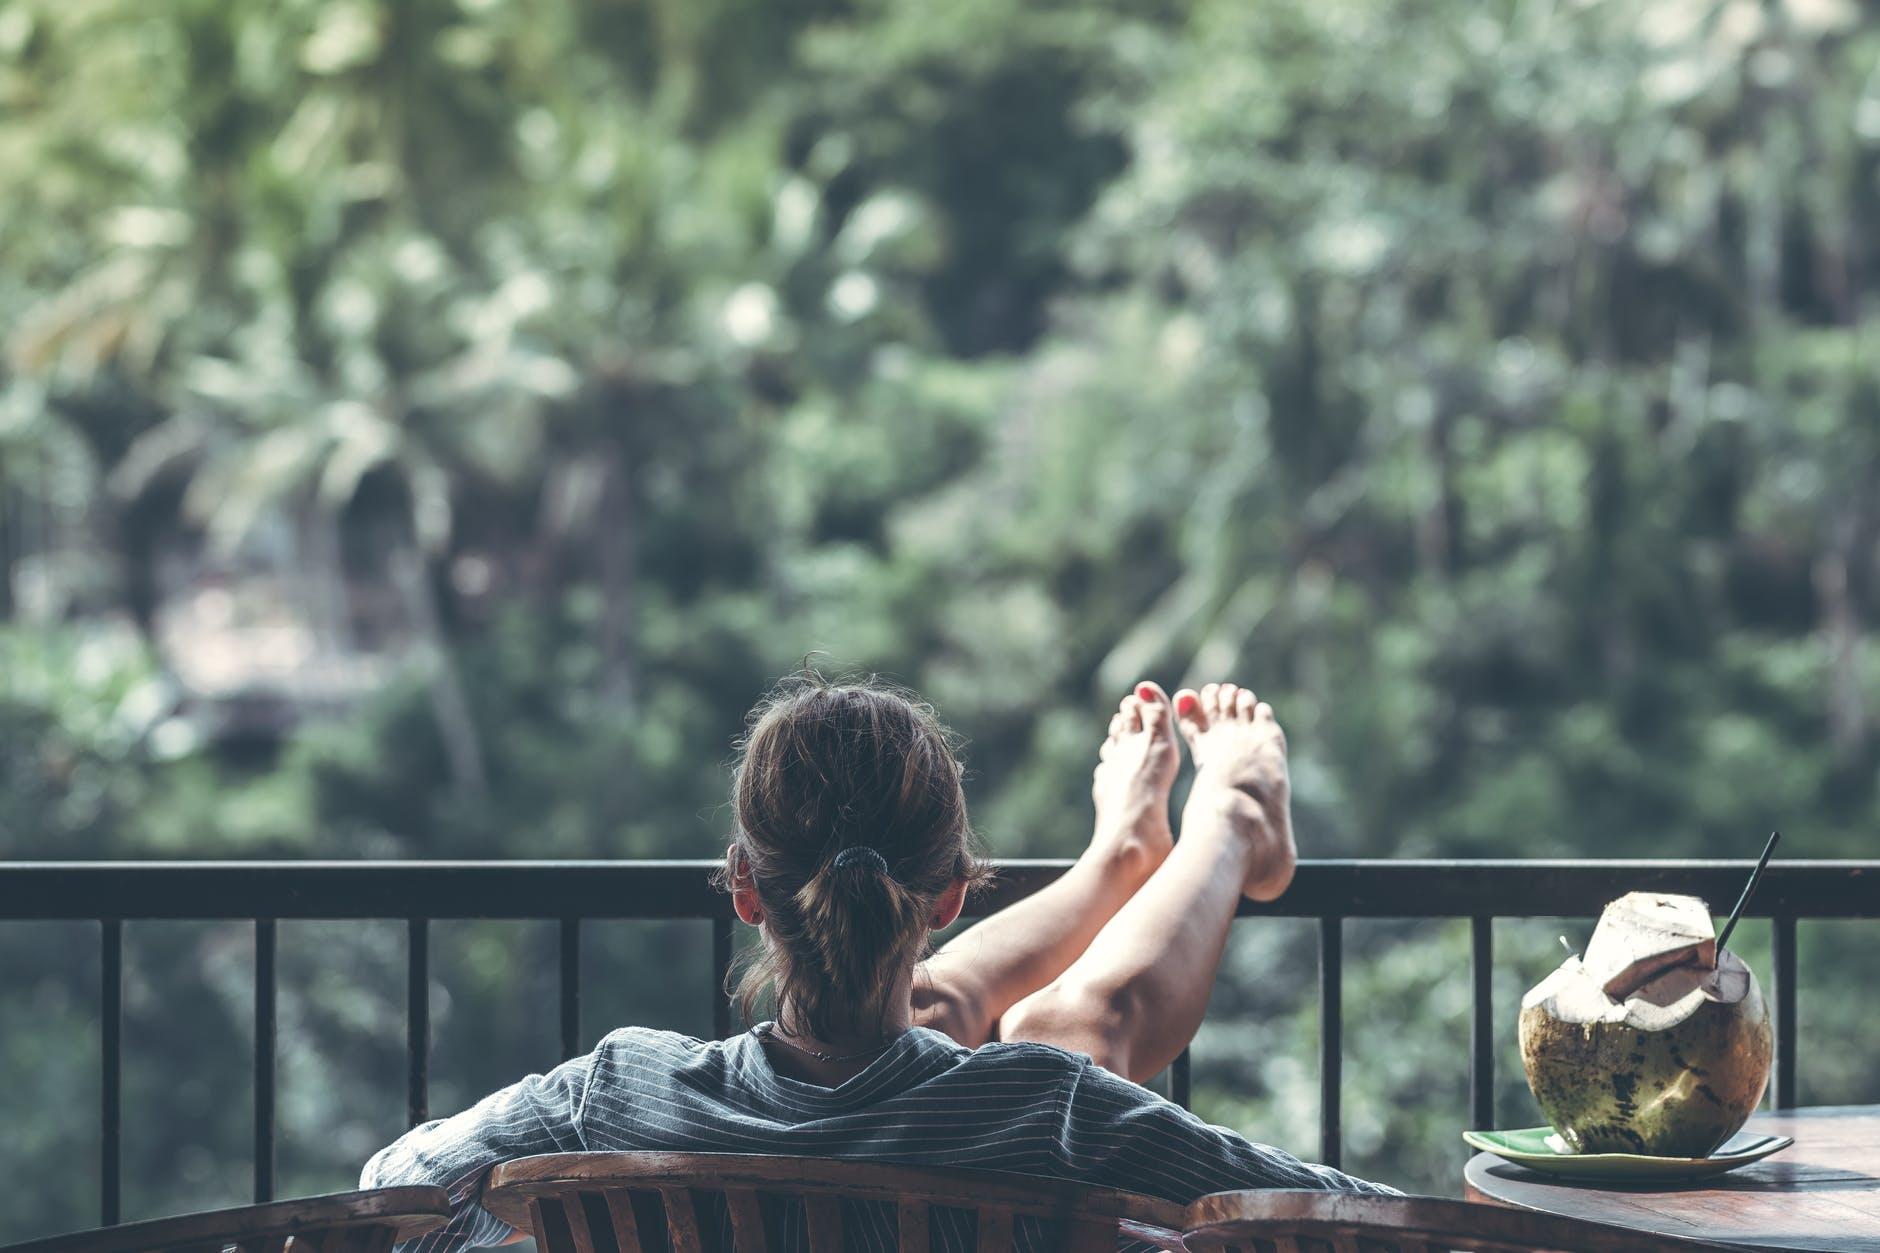 Kącik wypoczynkowy na balkonie – sprawdź, jak go urządzić! - Zdjęcie główne